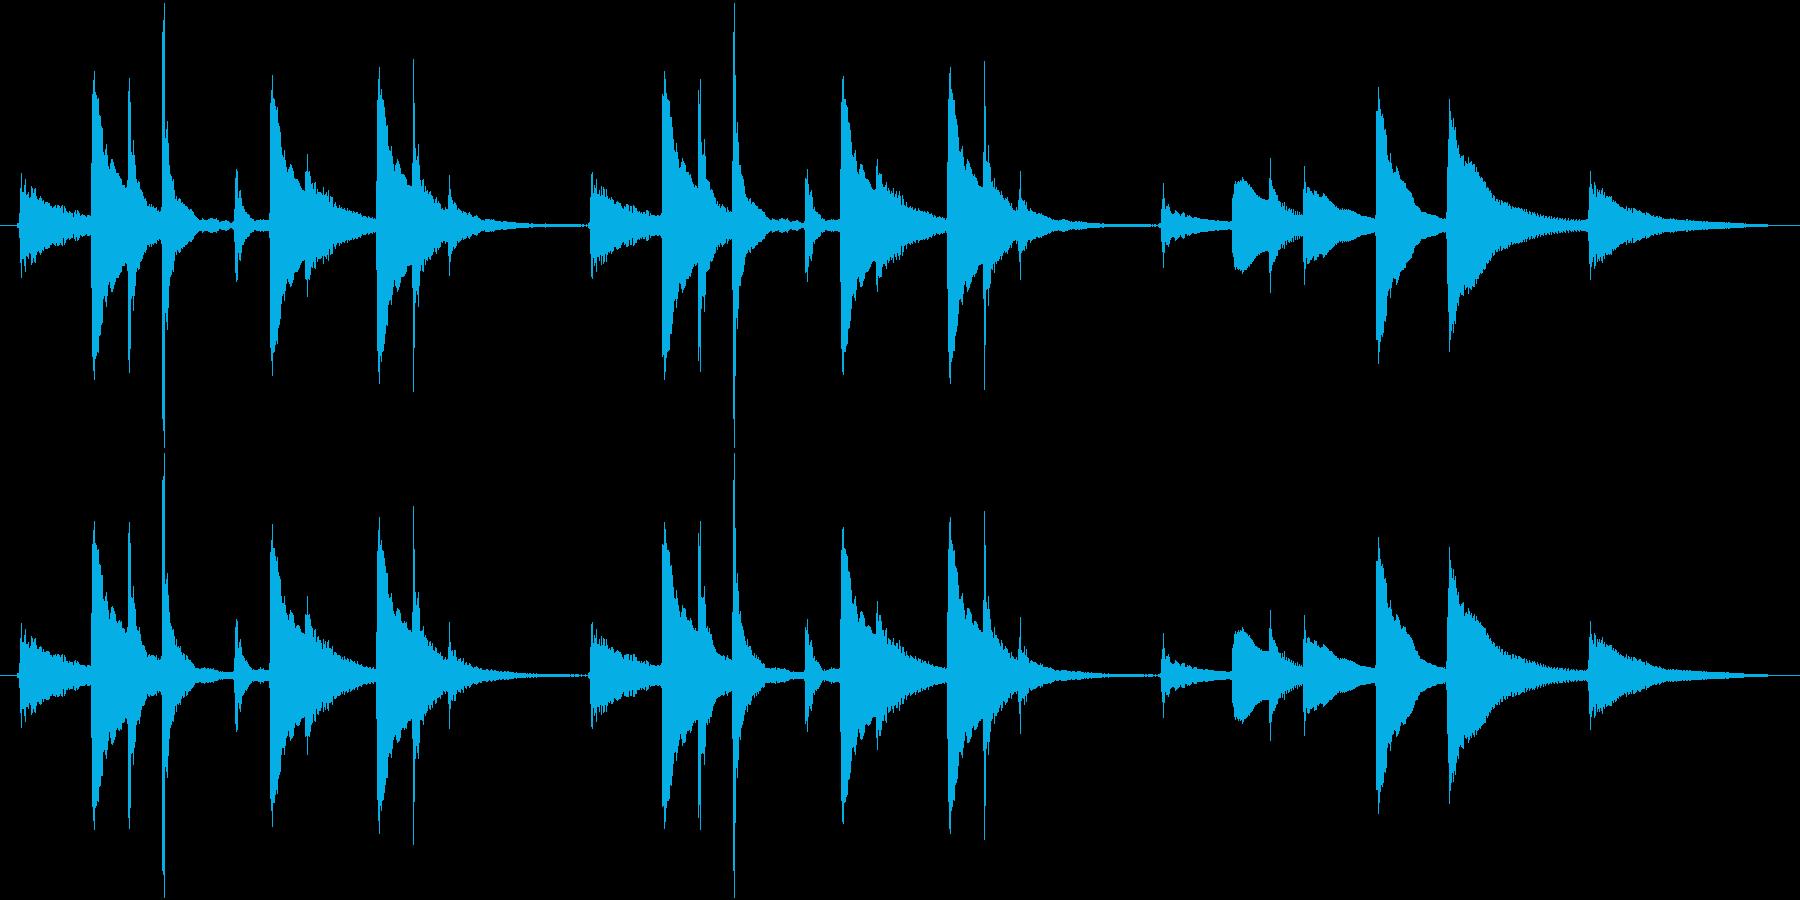 穏やか、ほのぼのとした琴のジングルの再生済みの波形